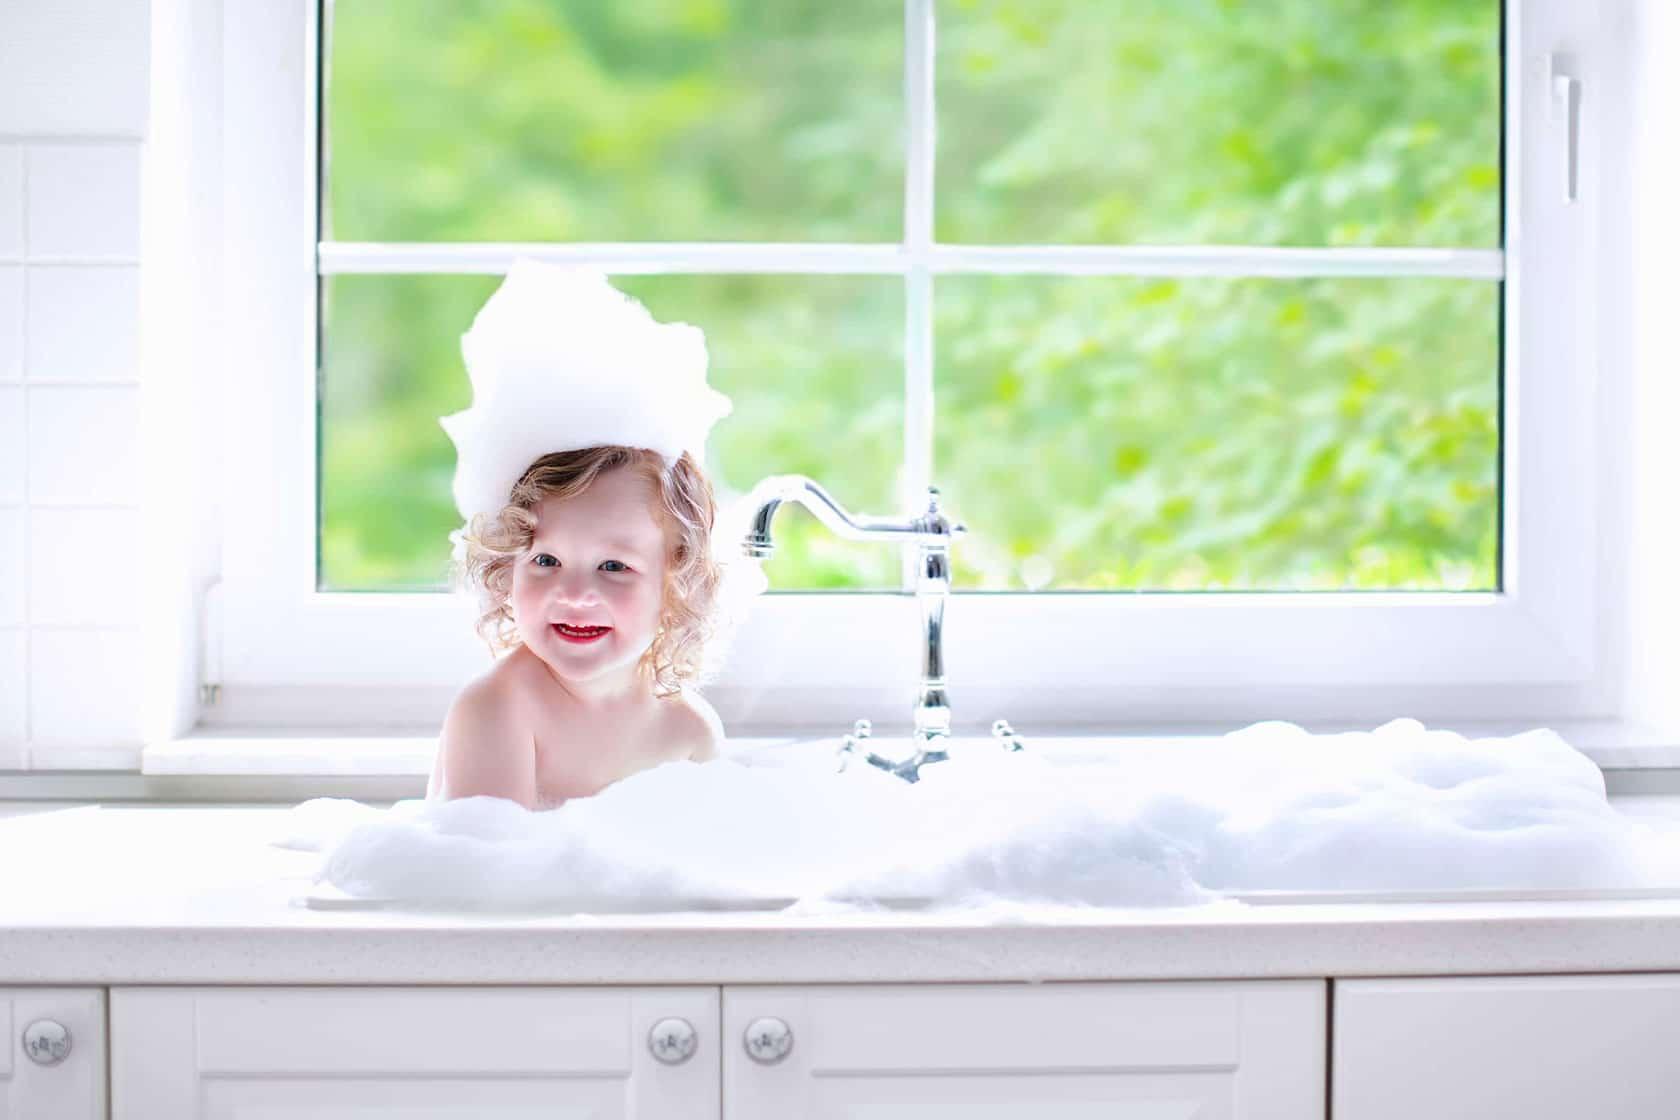 ما الذي يجب التشديد عليه أثناء حمام الطفل؟